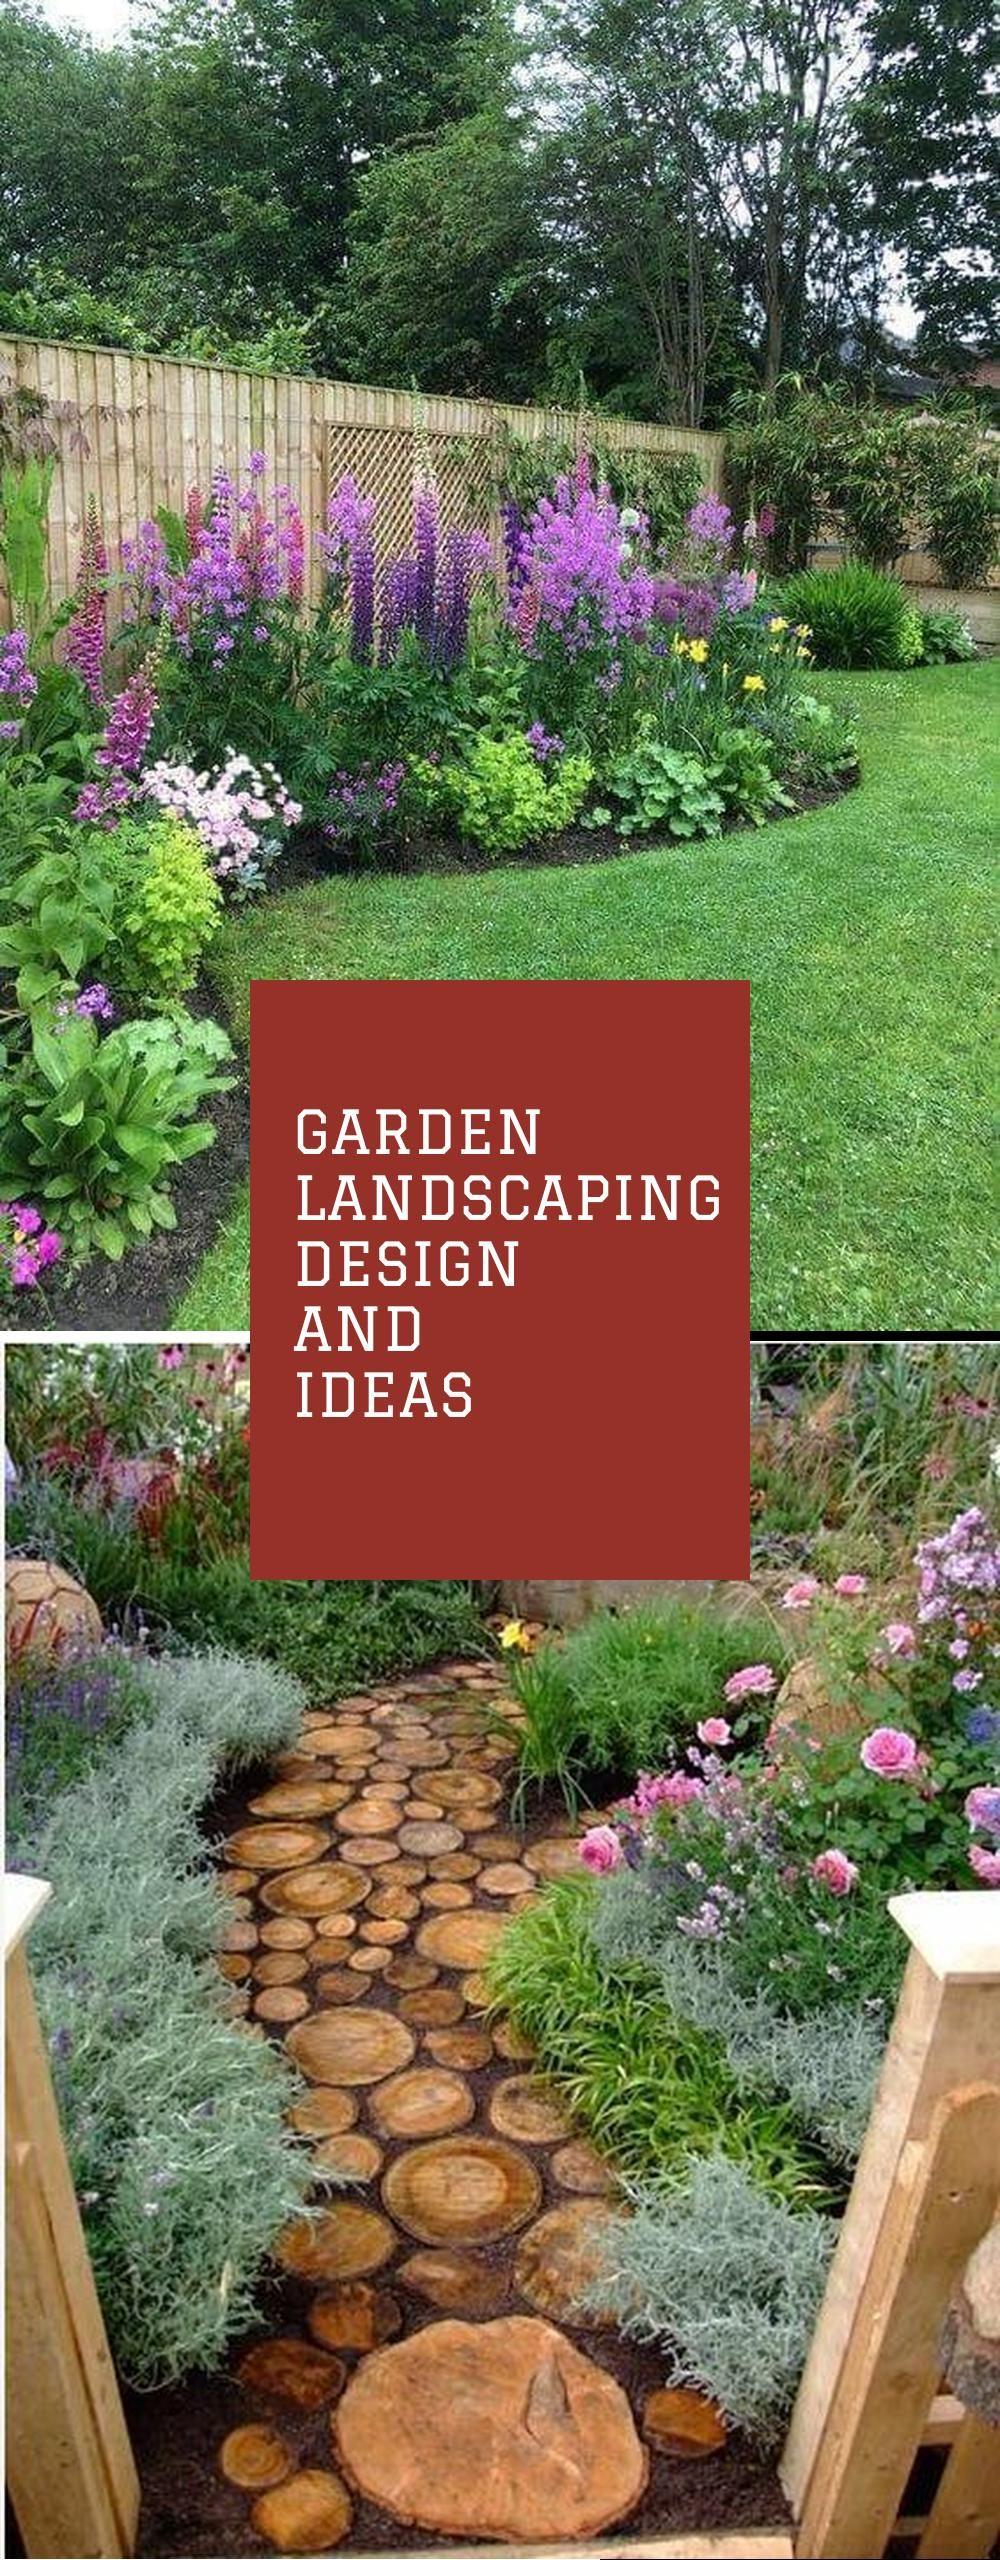 42+ Best garden landscaping ideas info